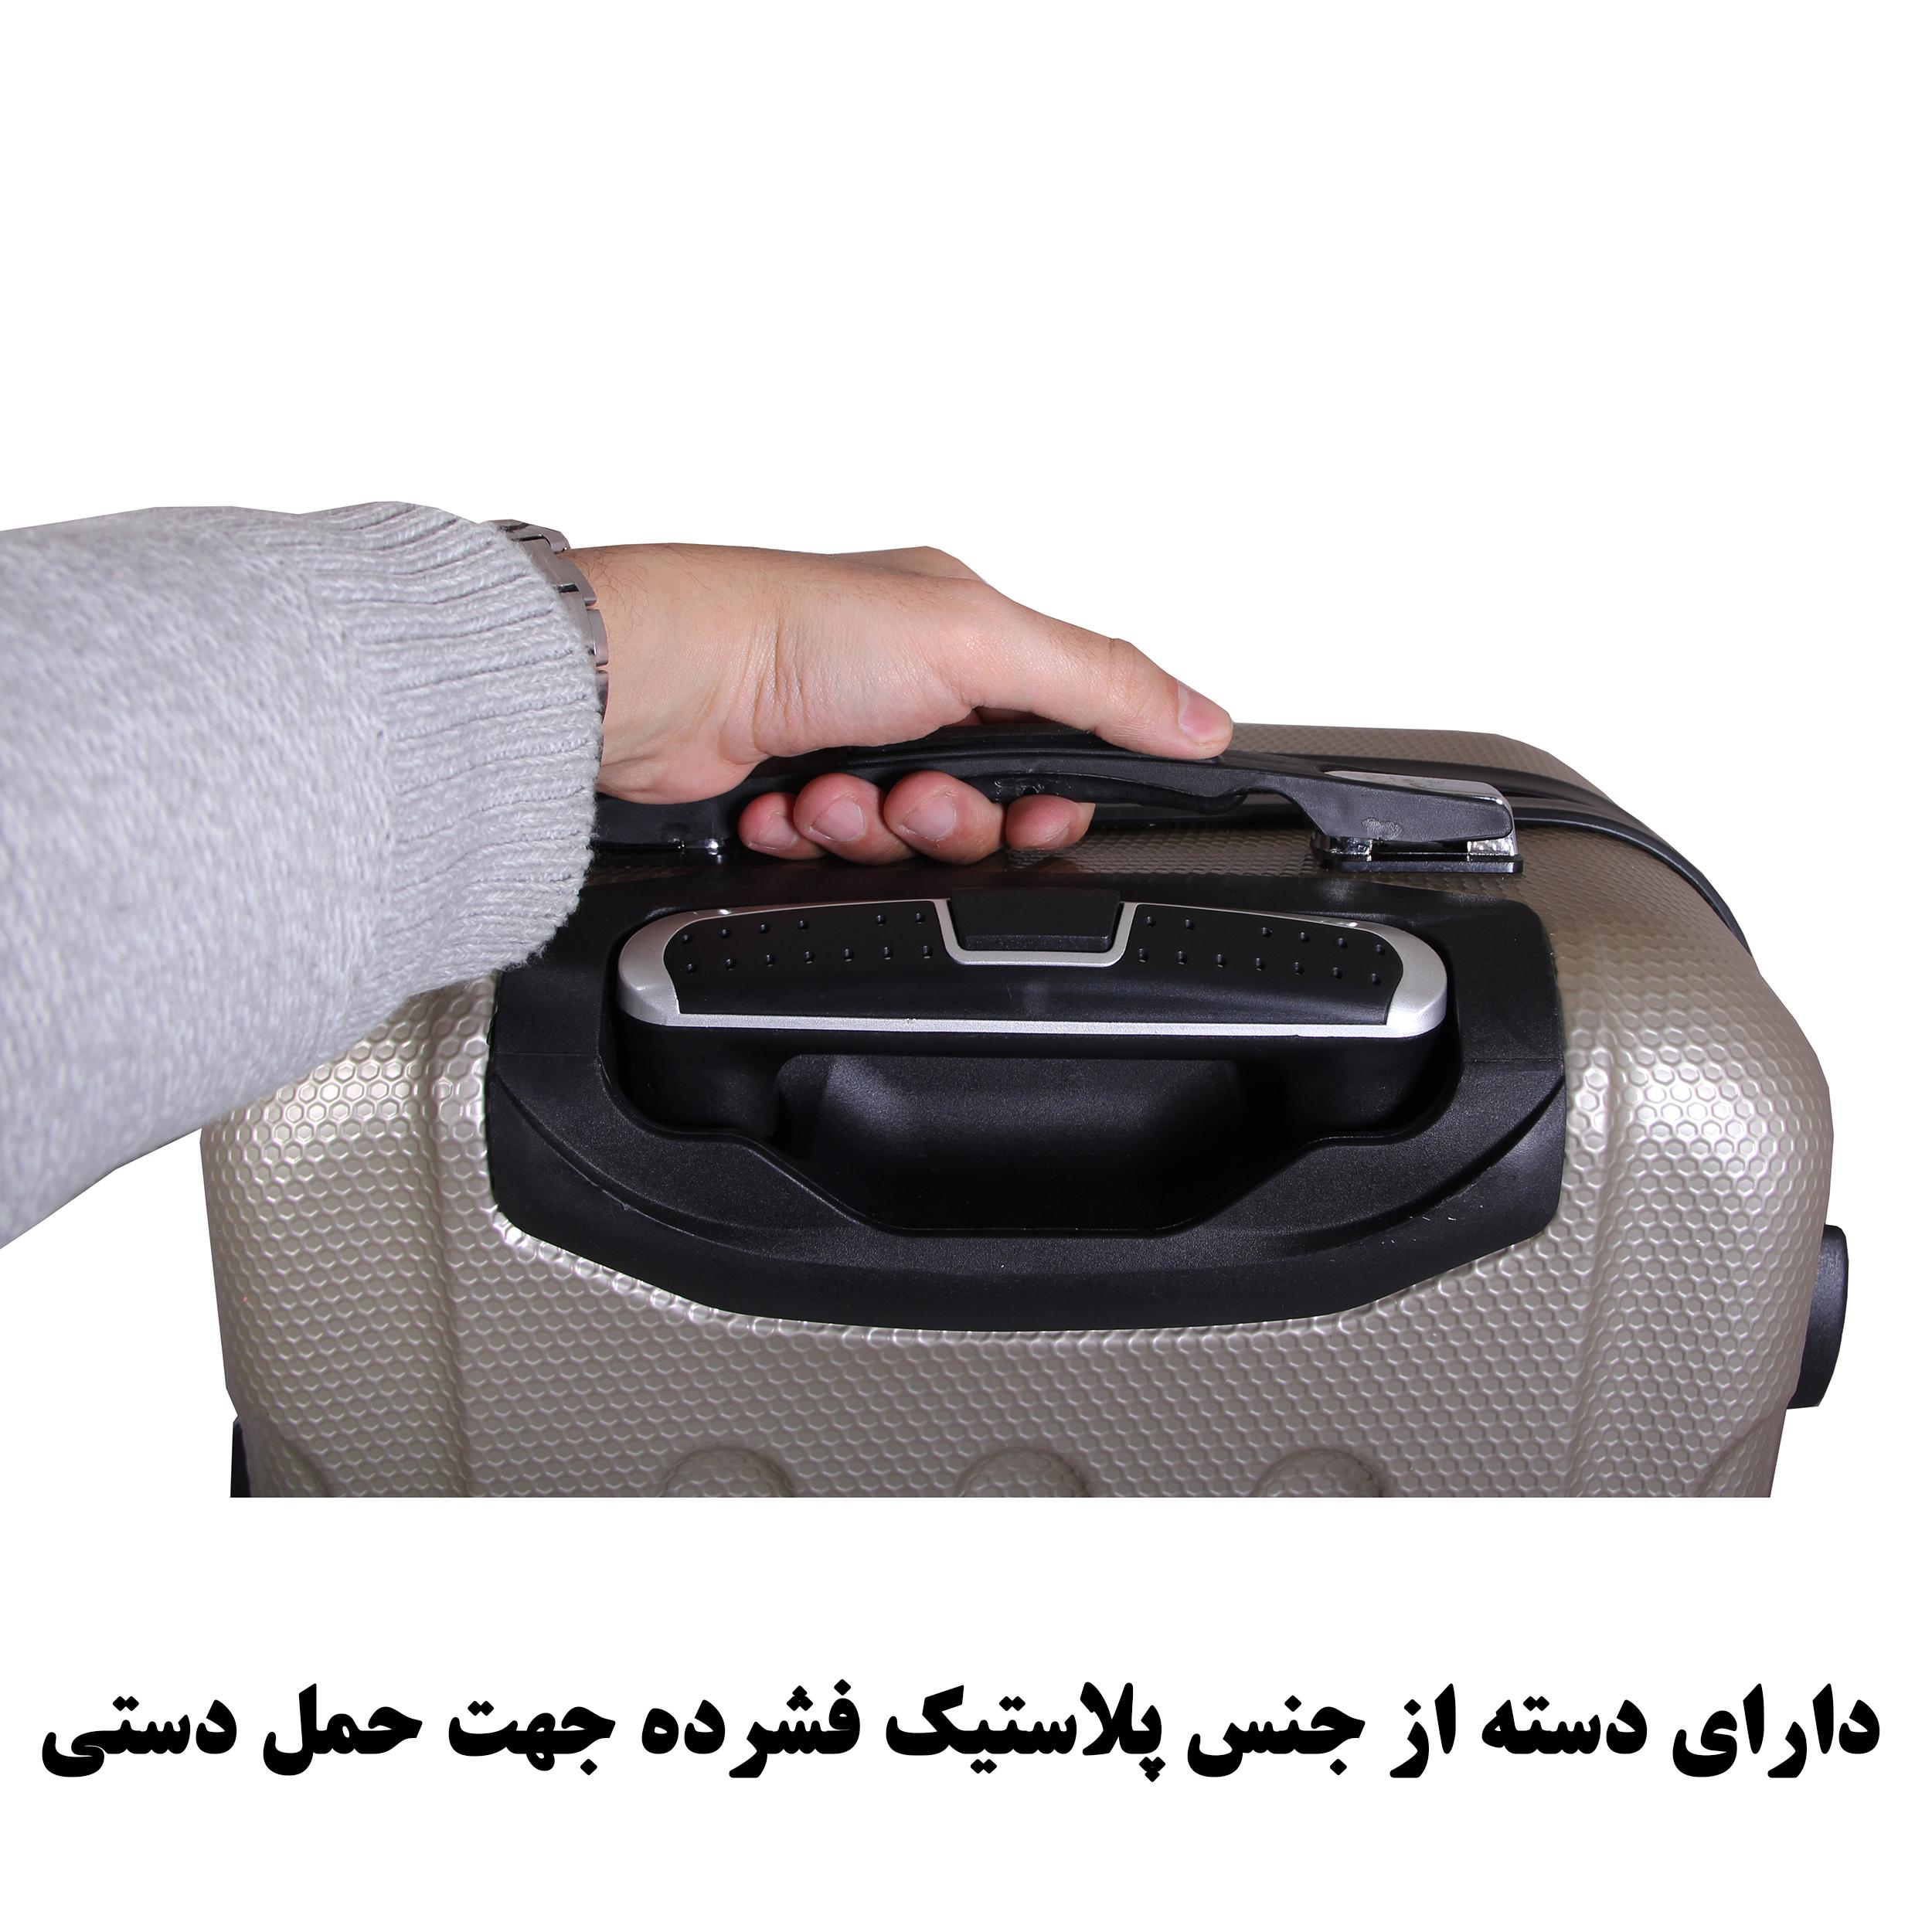 مجموعه چهار عددی چمدان اسپرت من مدل NS001 main 1 27